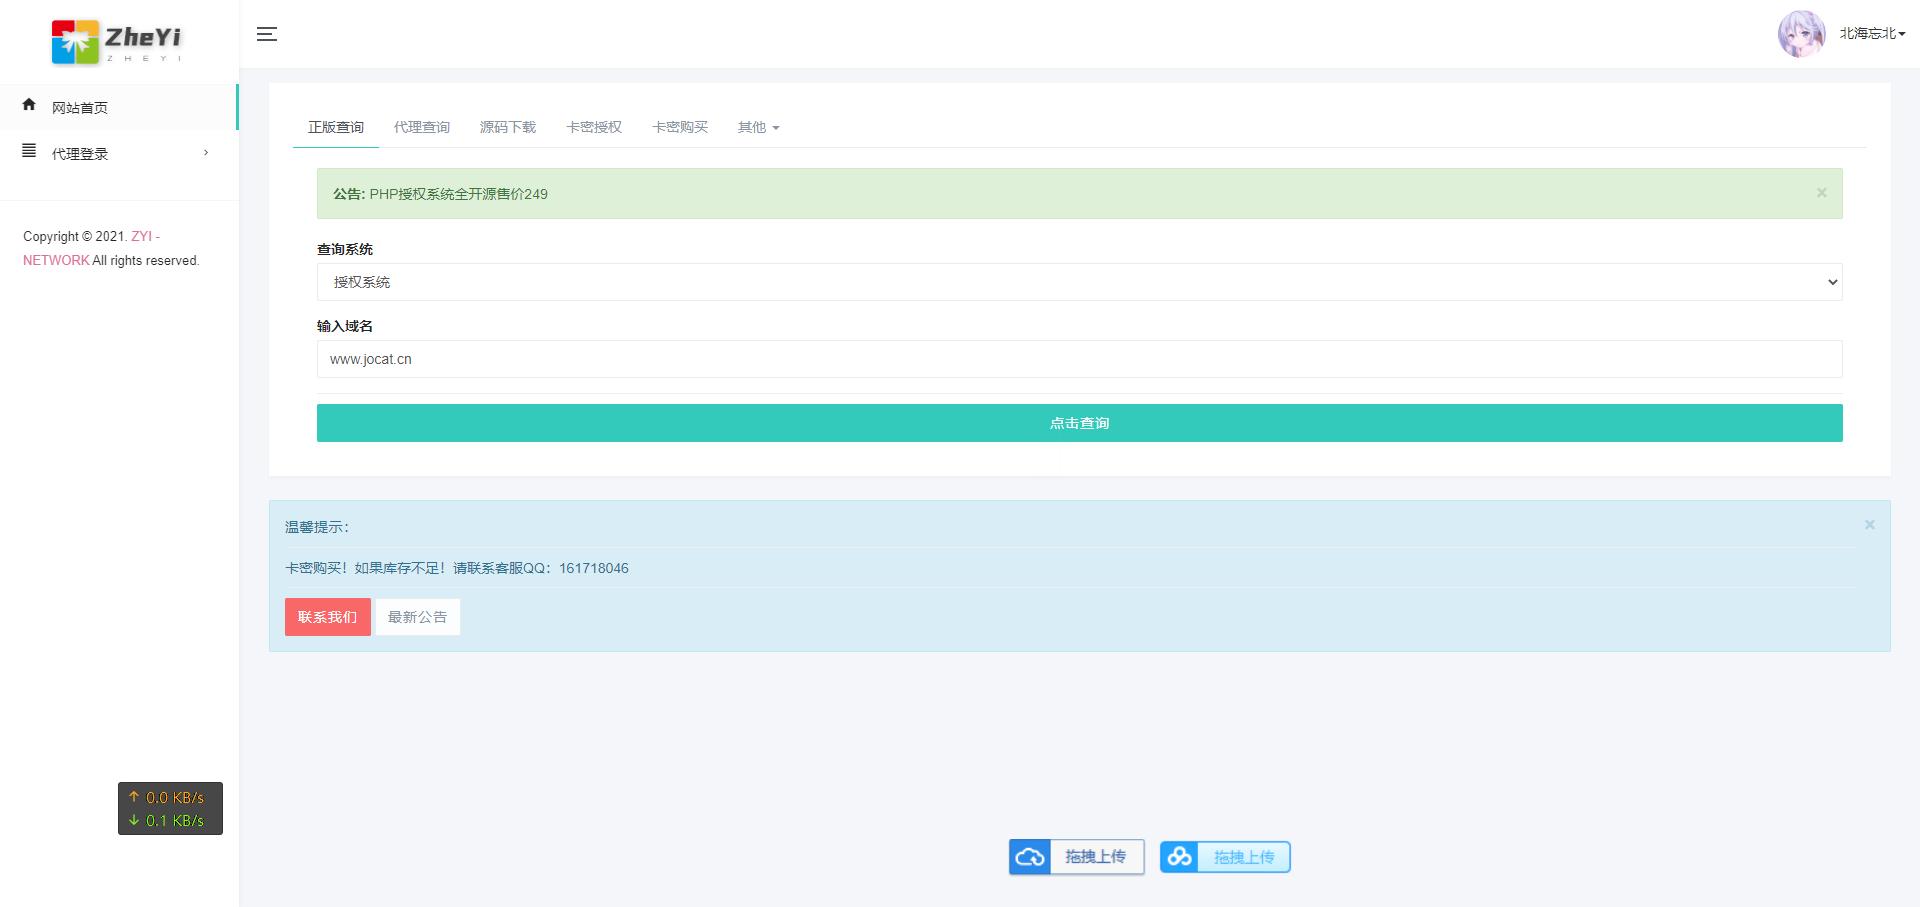 免费丨ZYI PHP授权系统开源免费下载